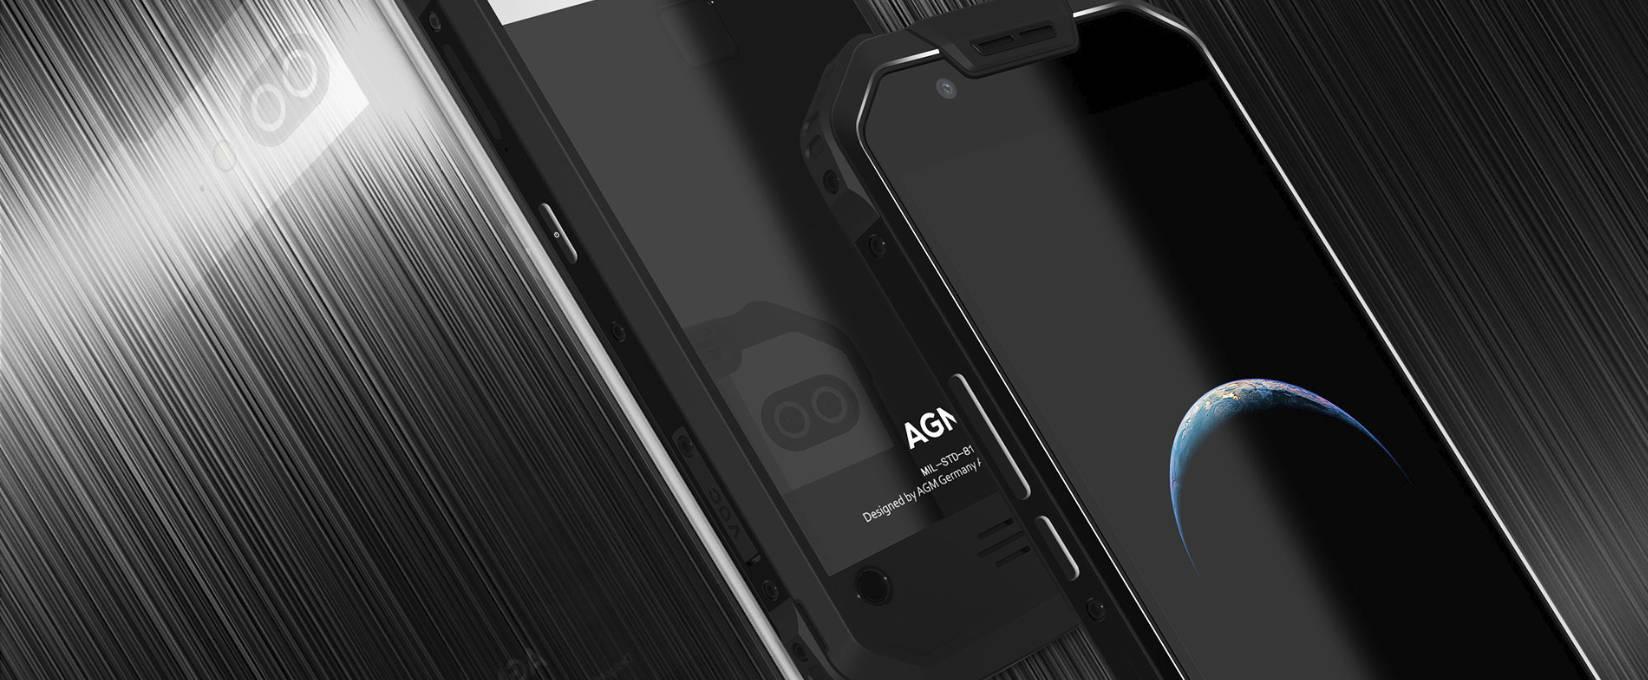 Smartfon pancerny i… elegancki: TOP5 (zima 2019)